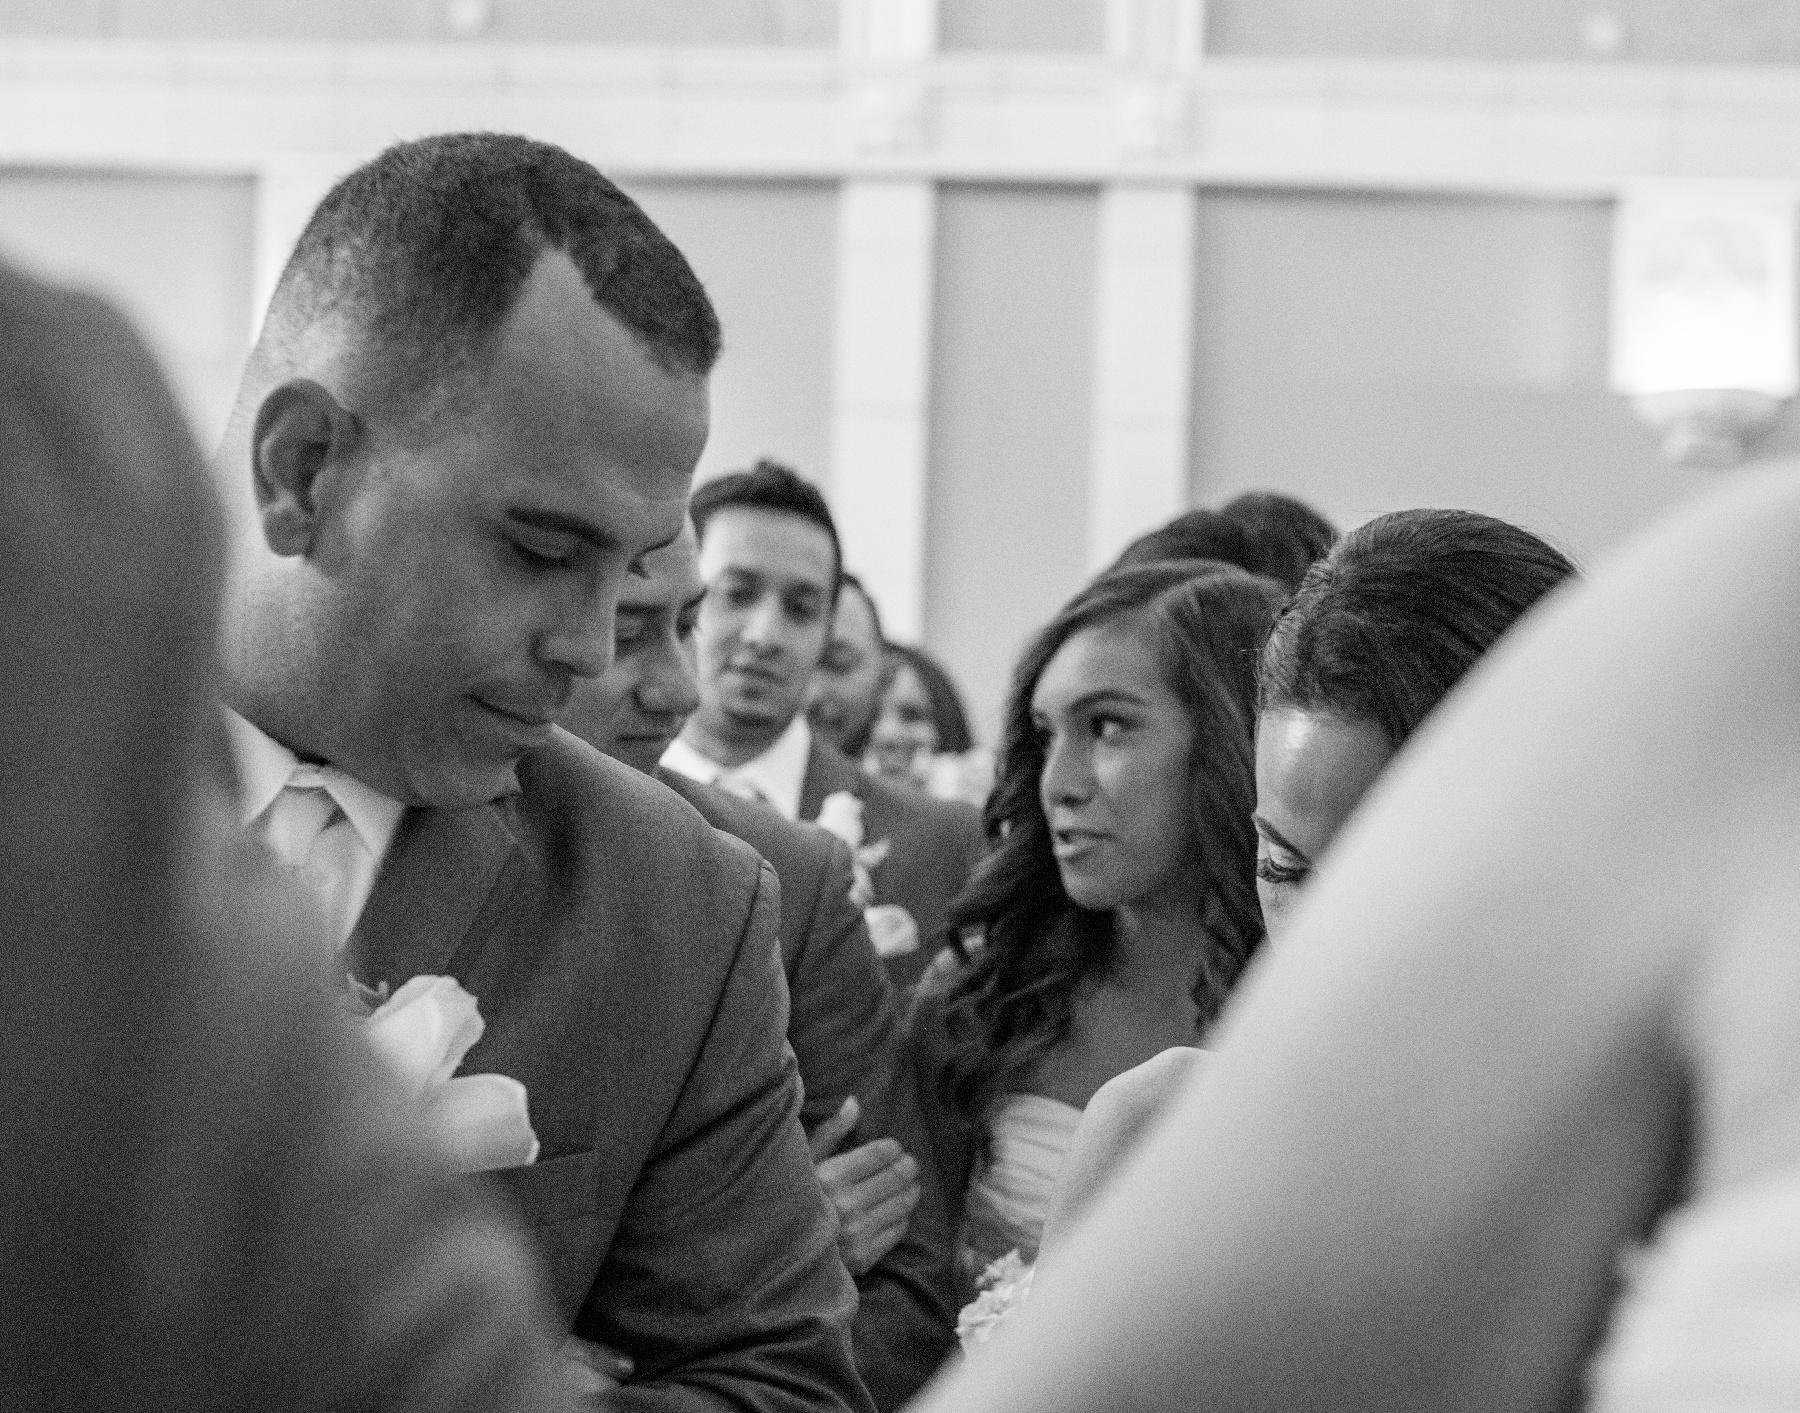 hugo and jimmy wedding 2014-10-05 22